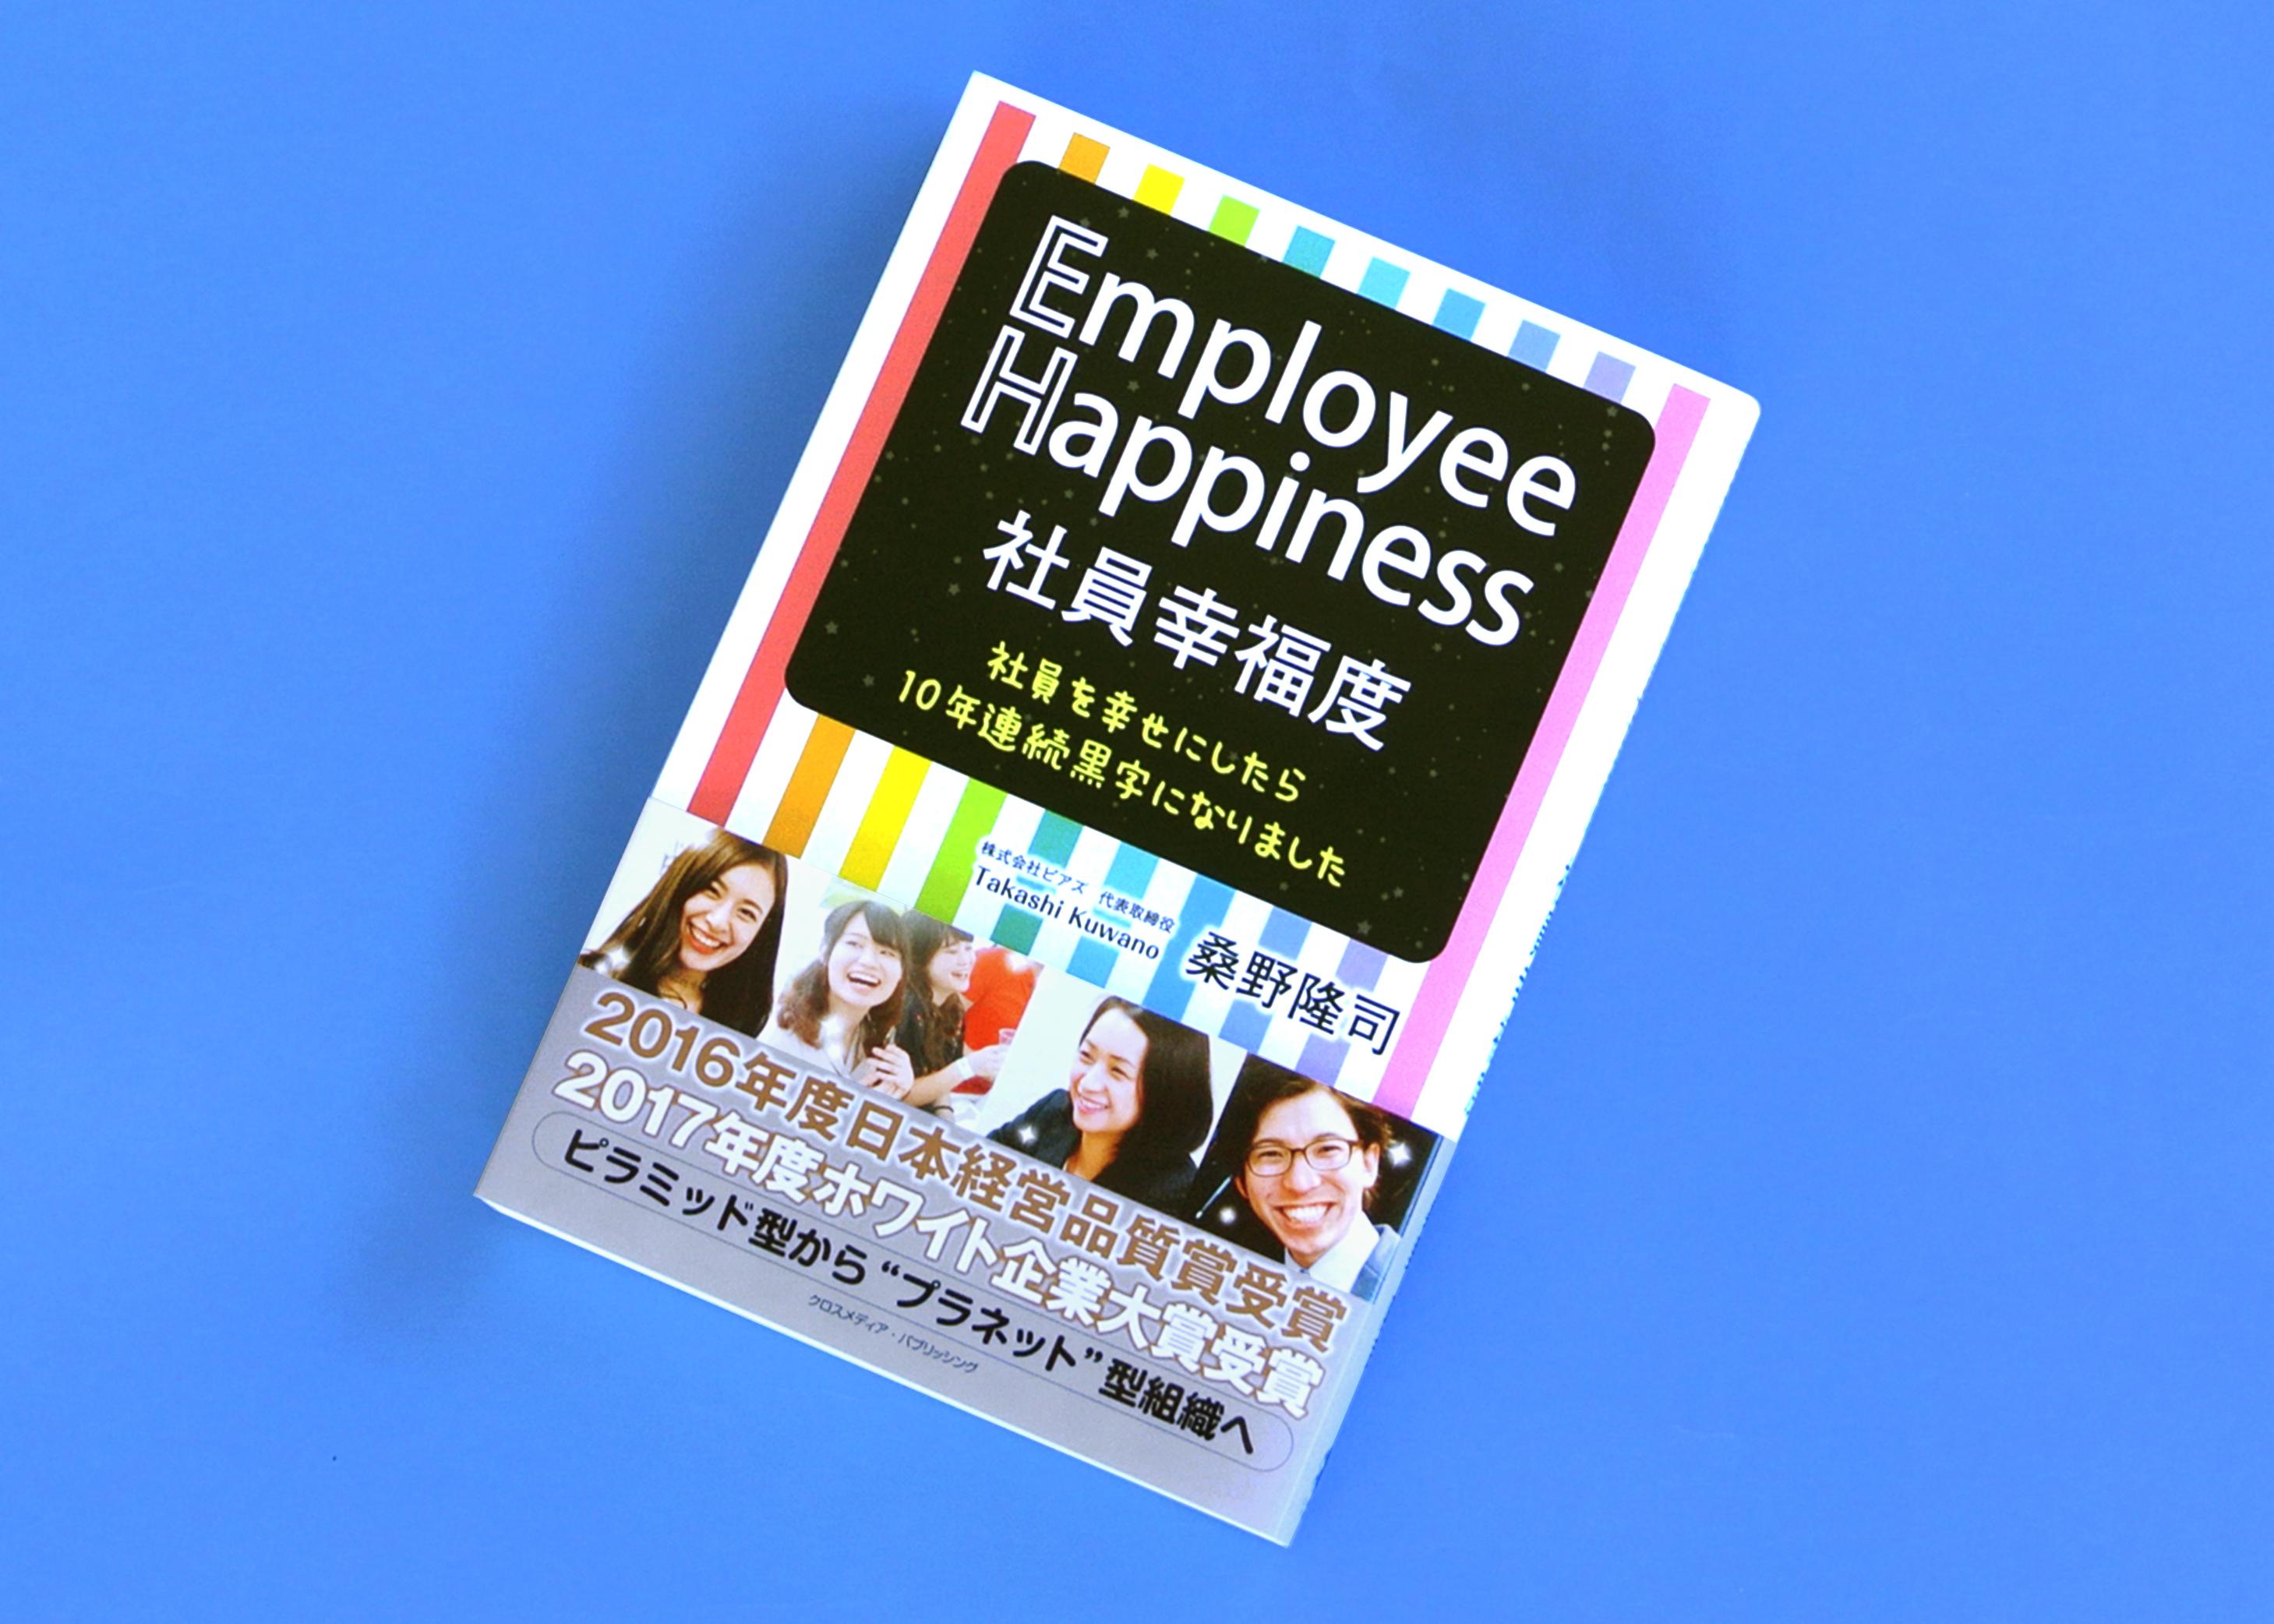 Employee Happiness 社員幸福度